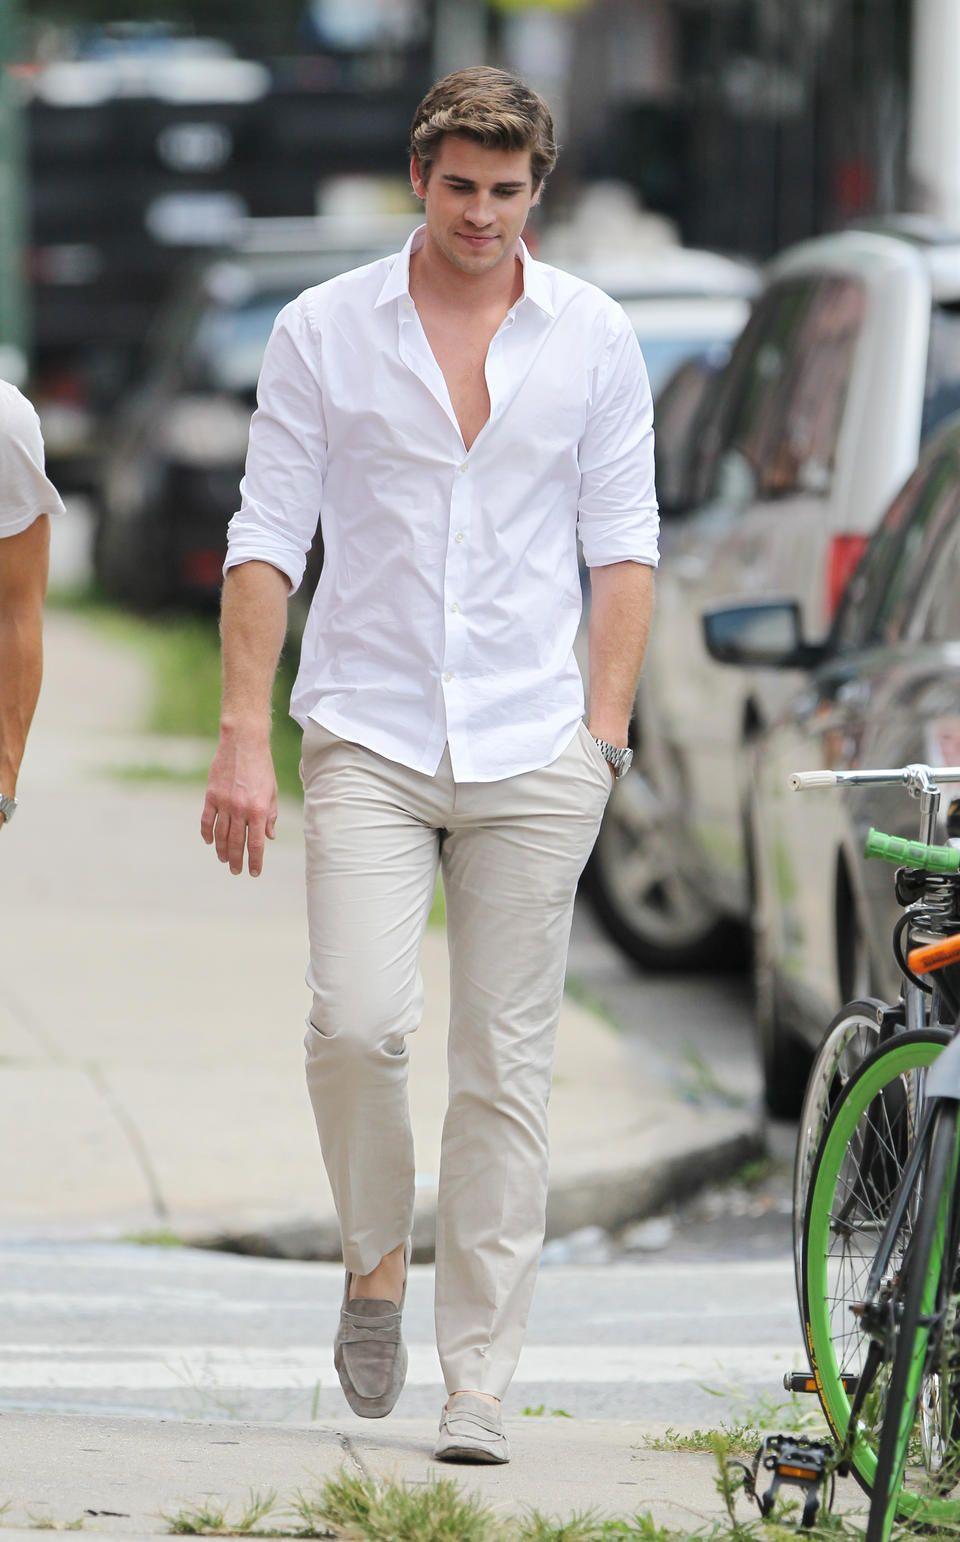 Quần tây áo sơ mi trắng đi giày gì